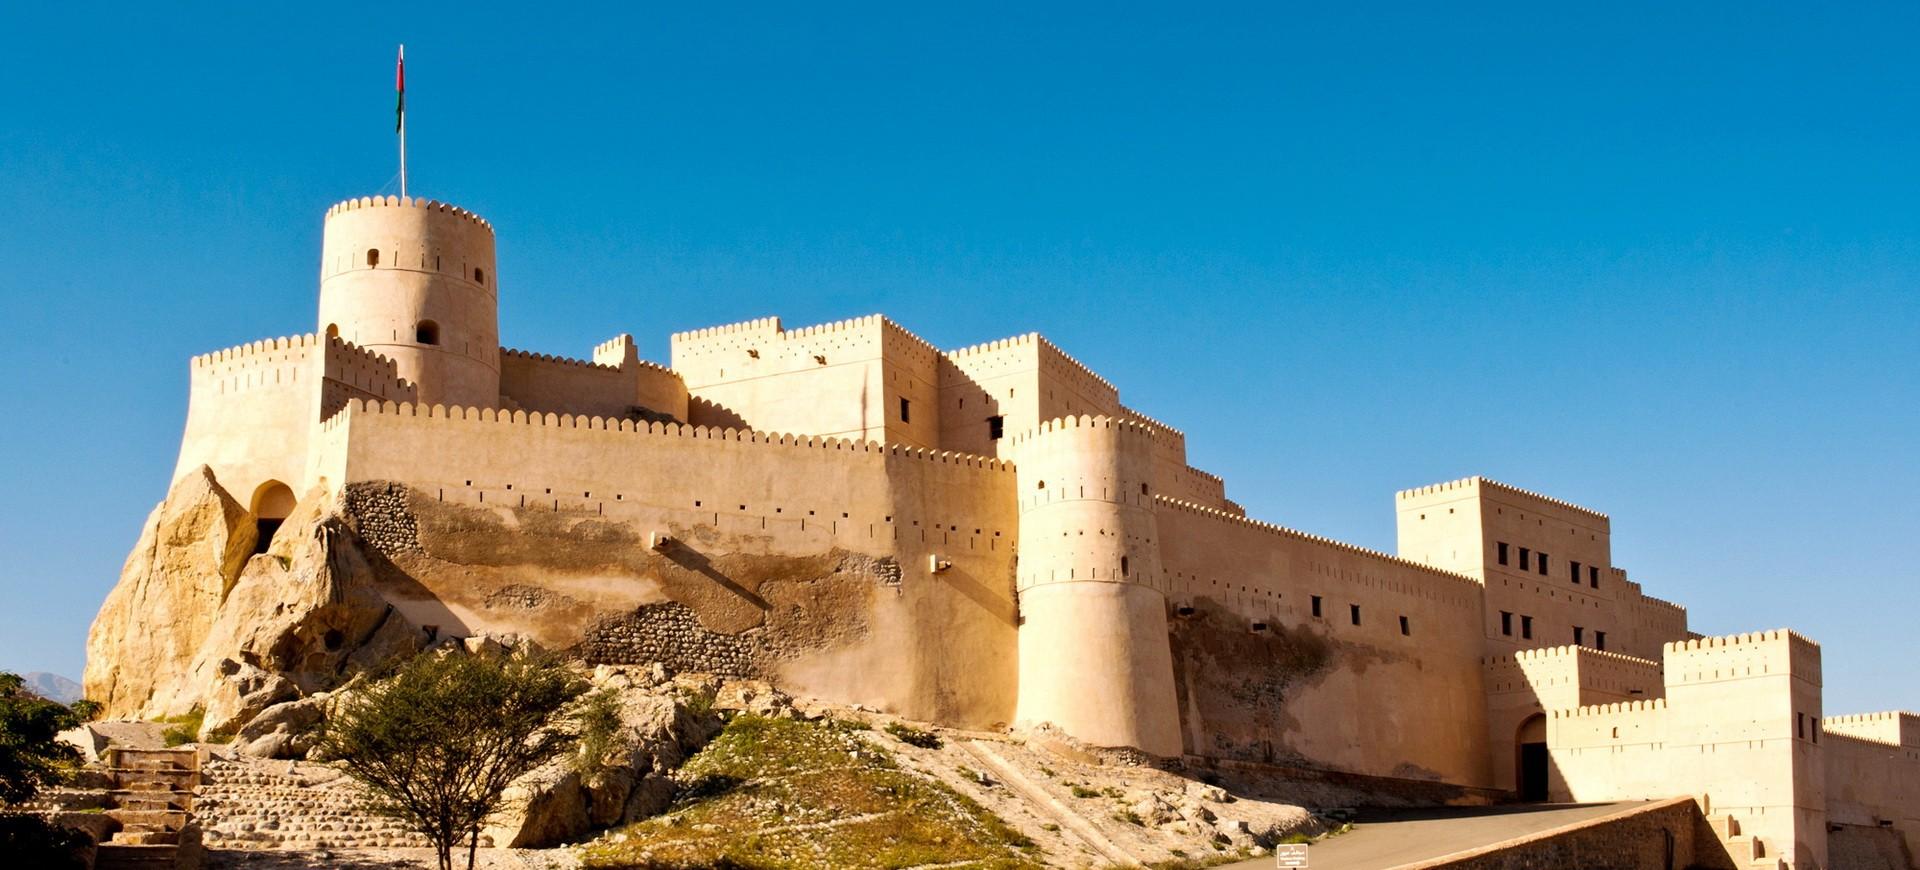 Oman Nakhal Fort